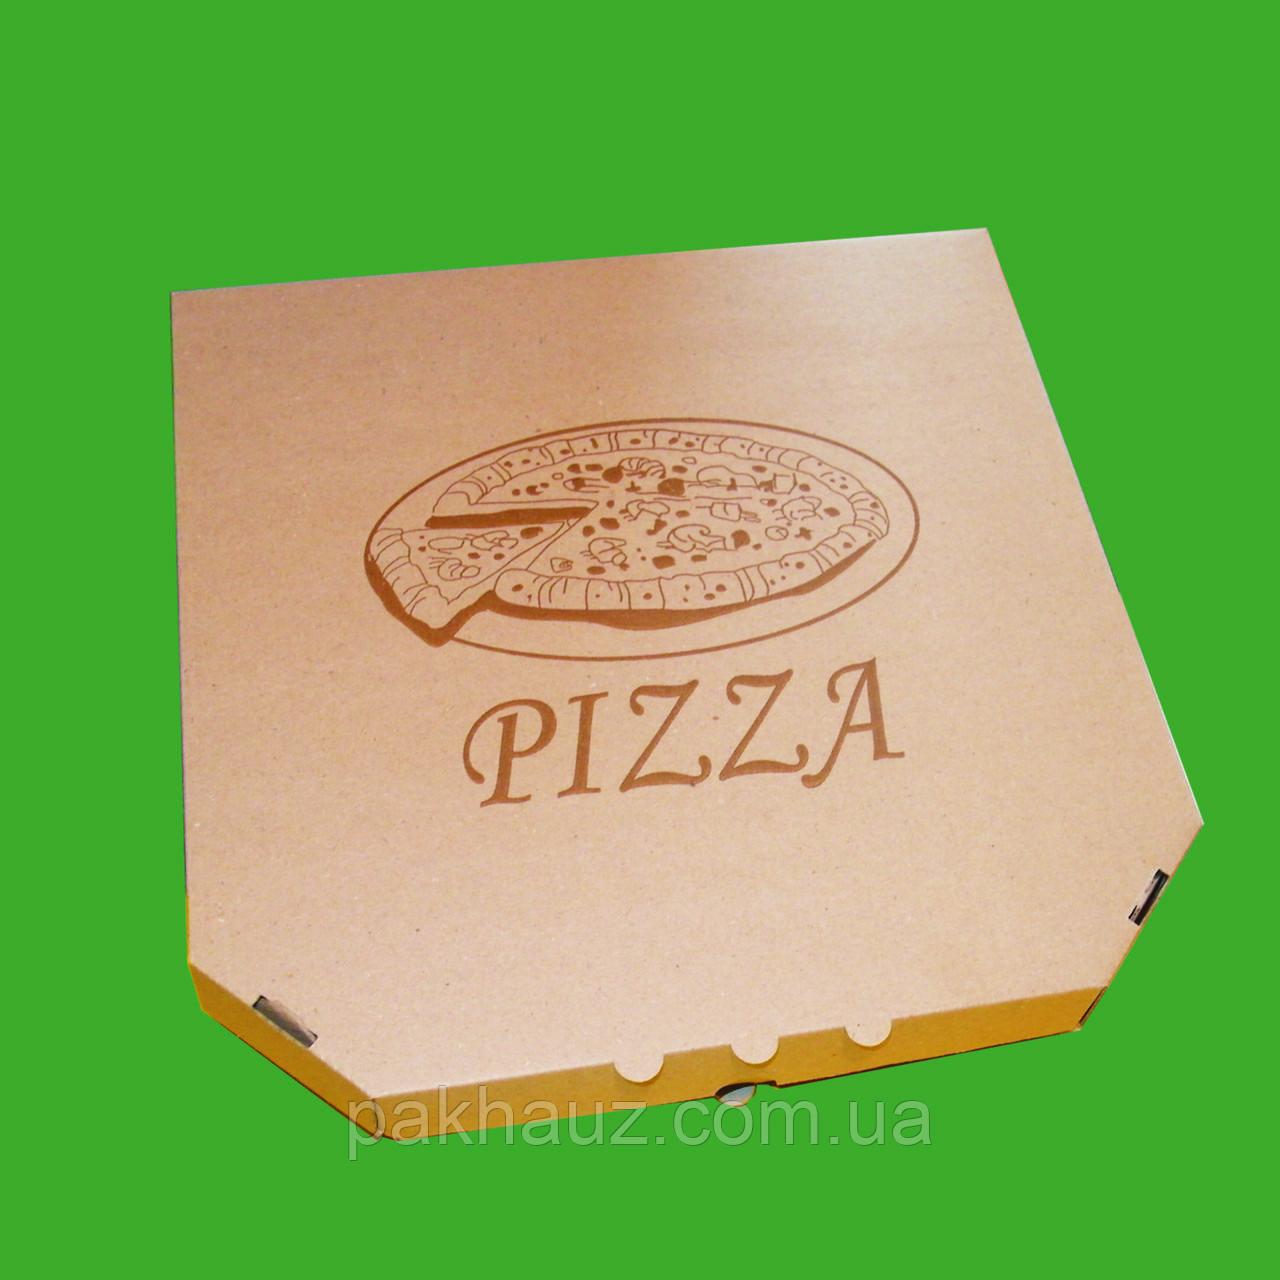 Коробка для пиццы диаметром 45 см